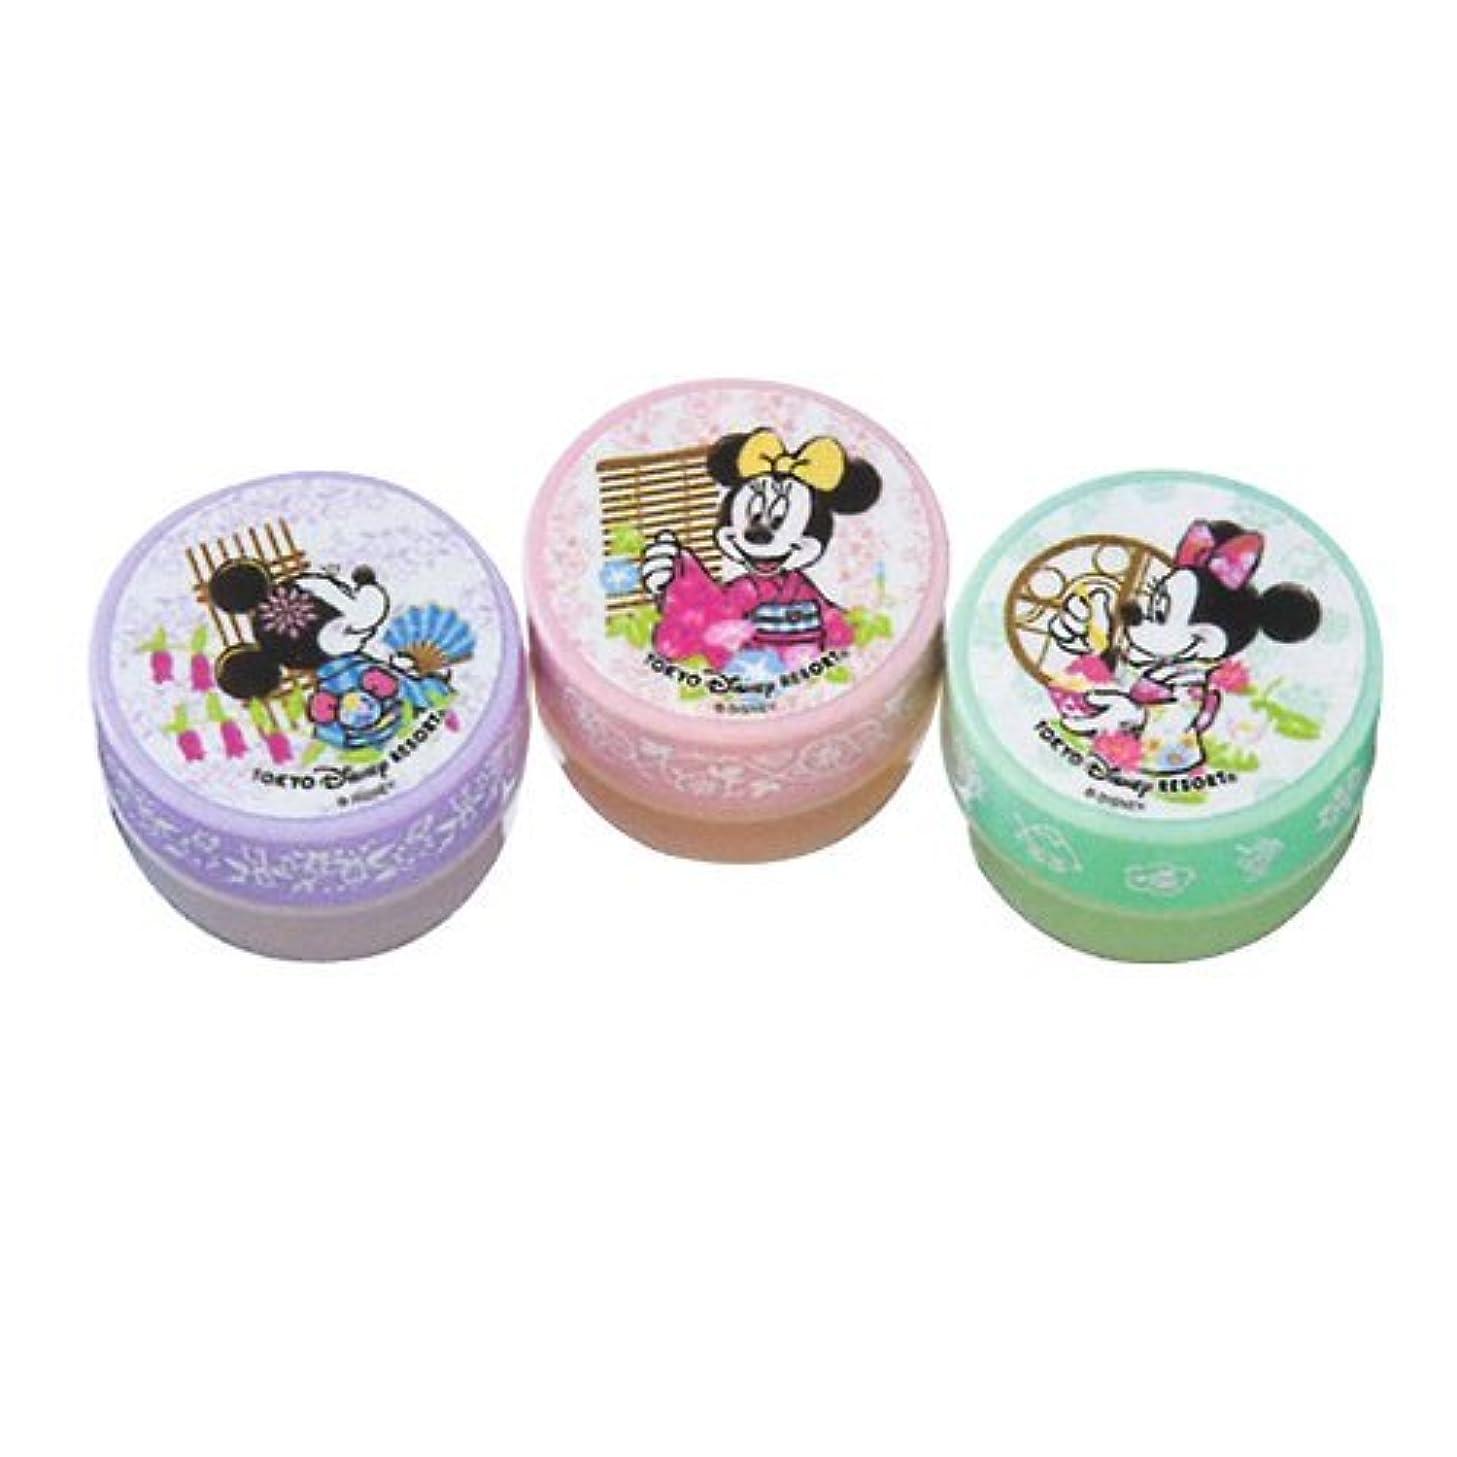 アレイスリーブ不定ミニーマウス ハンドクリームセット 浴衣柄 【東京ディズニーリゾート限定】